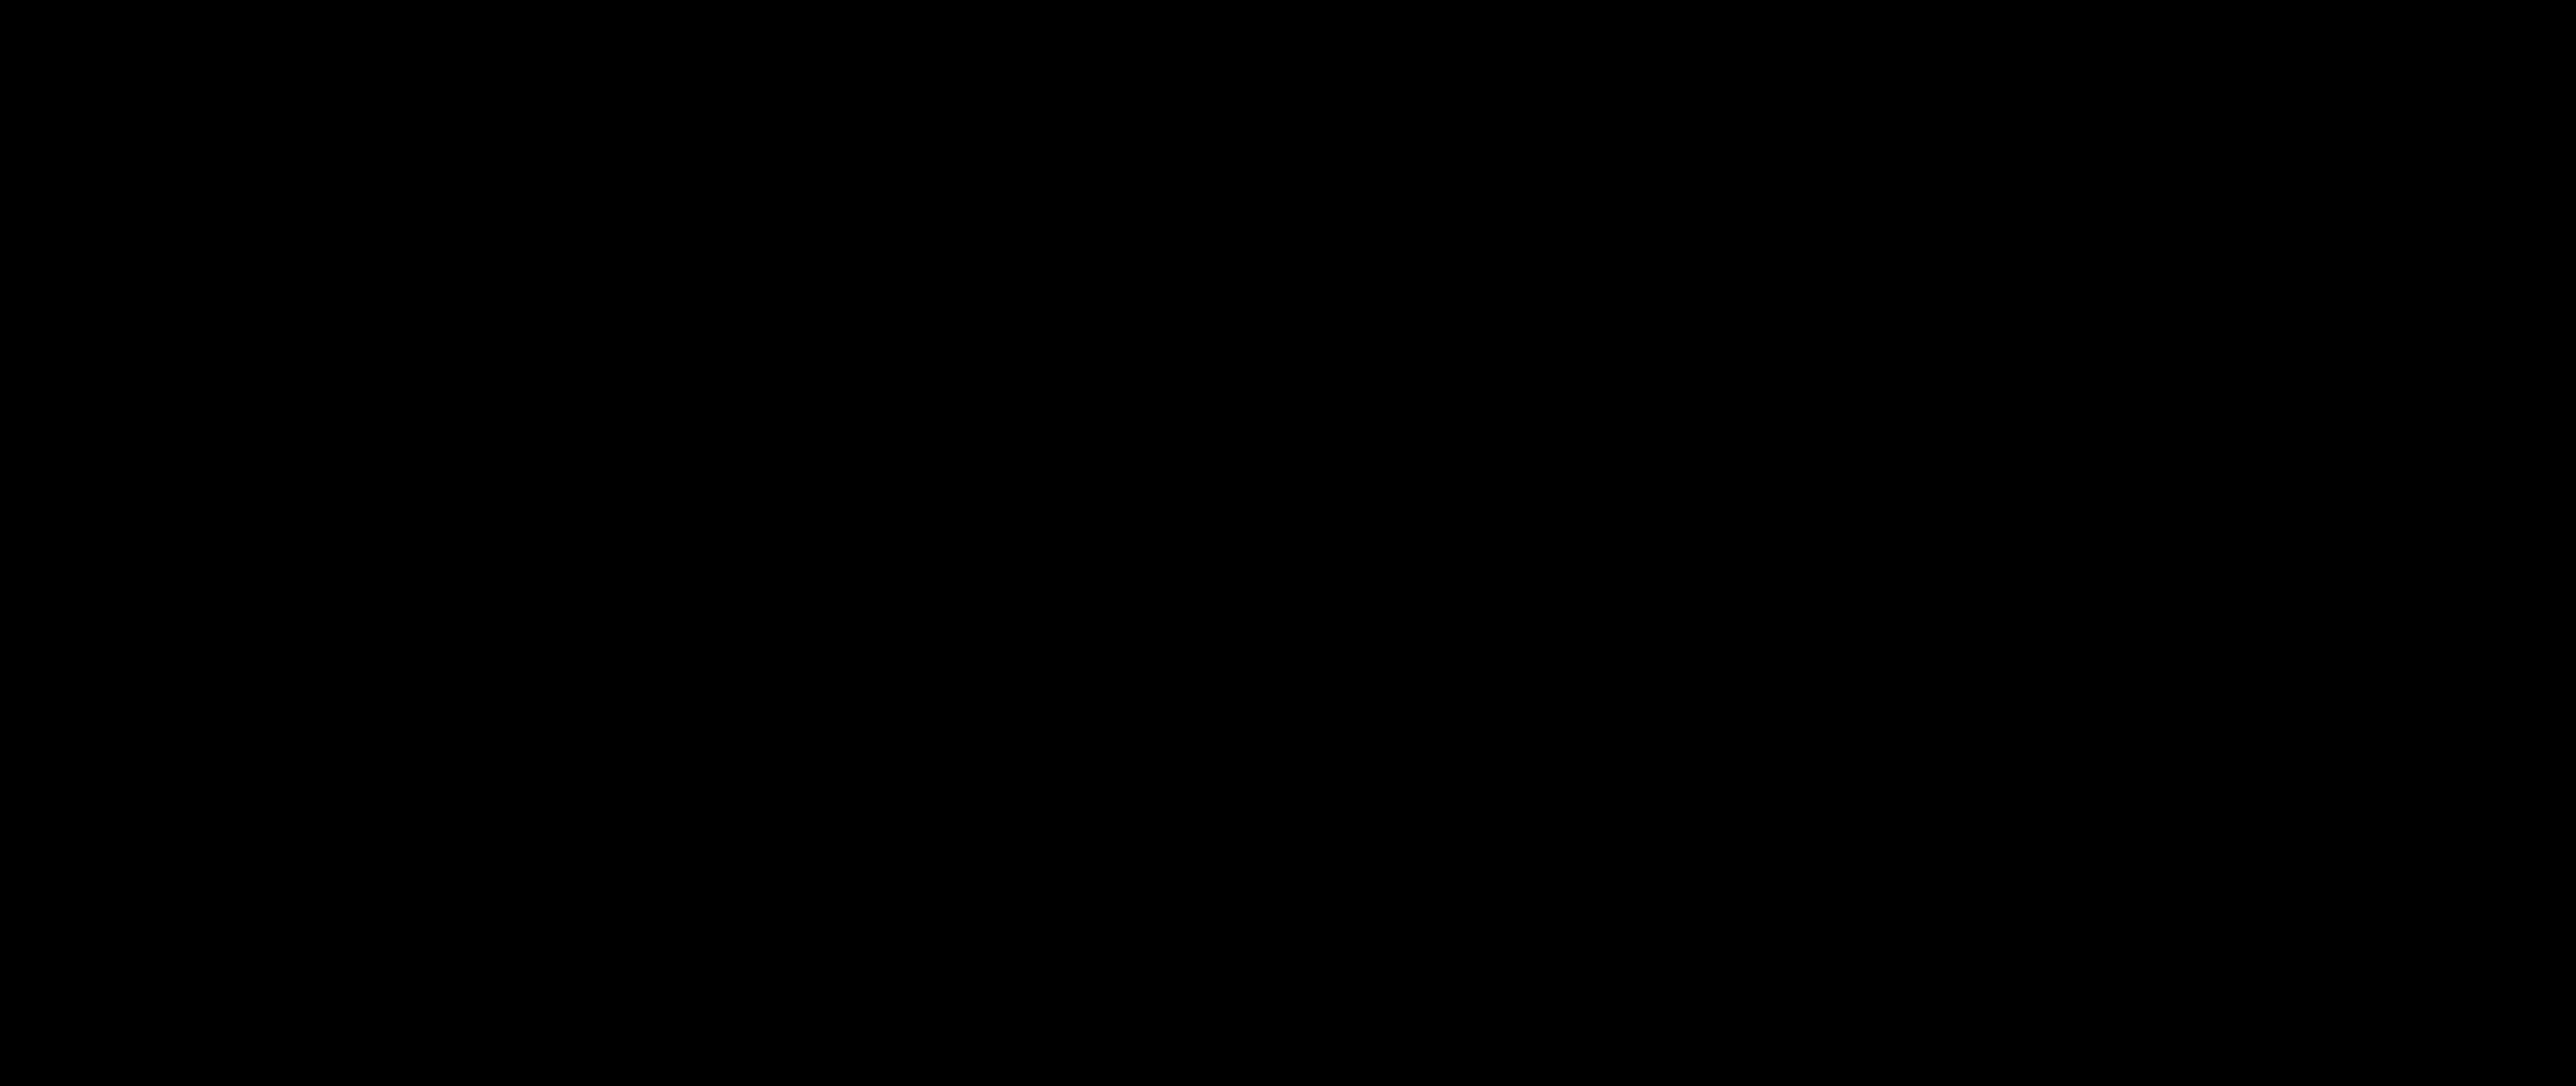 網頁飲品圖